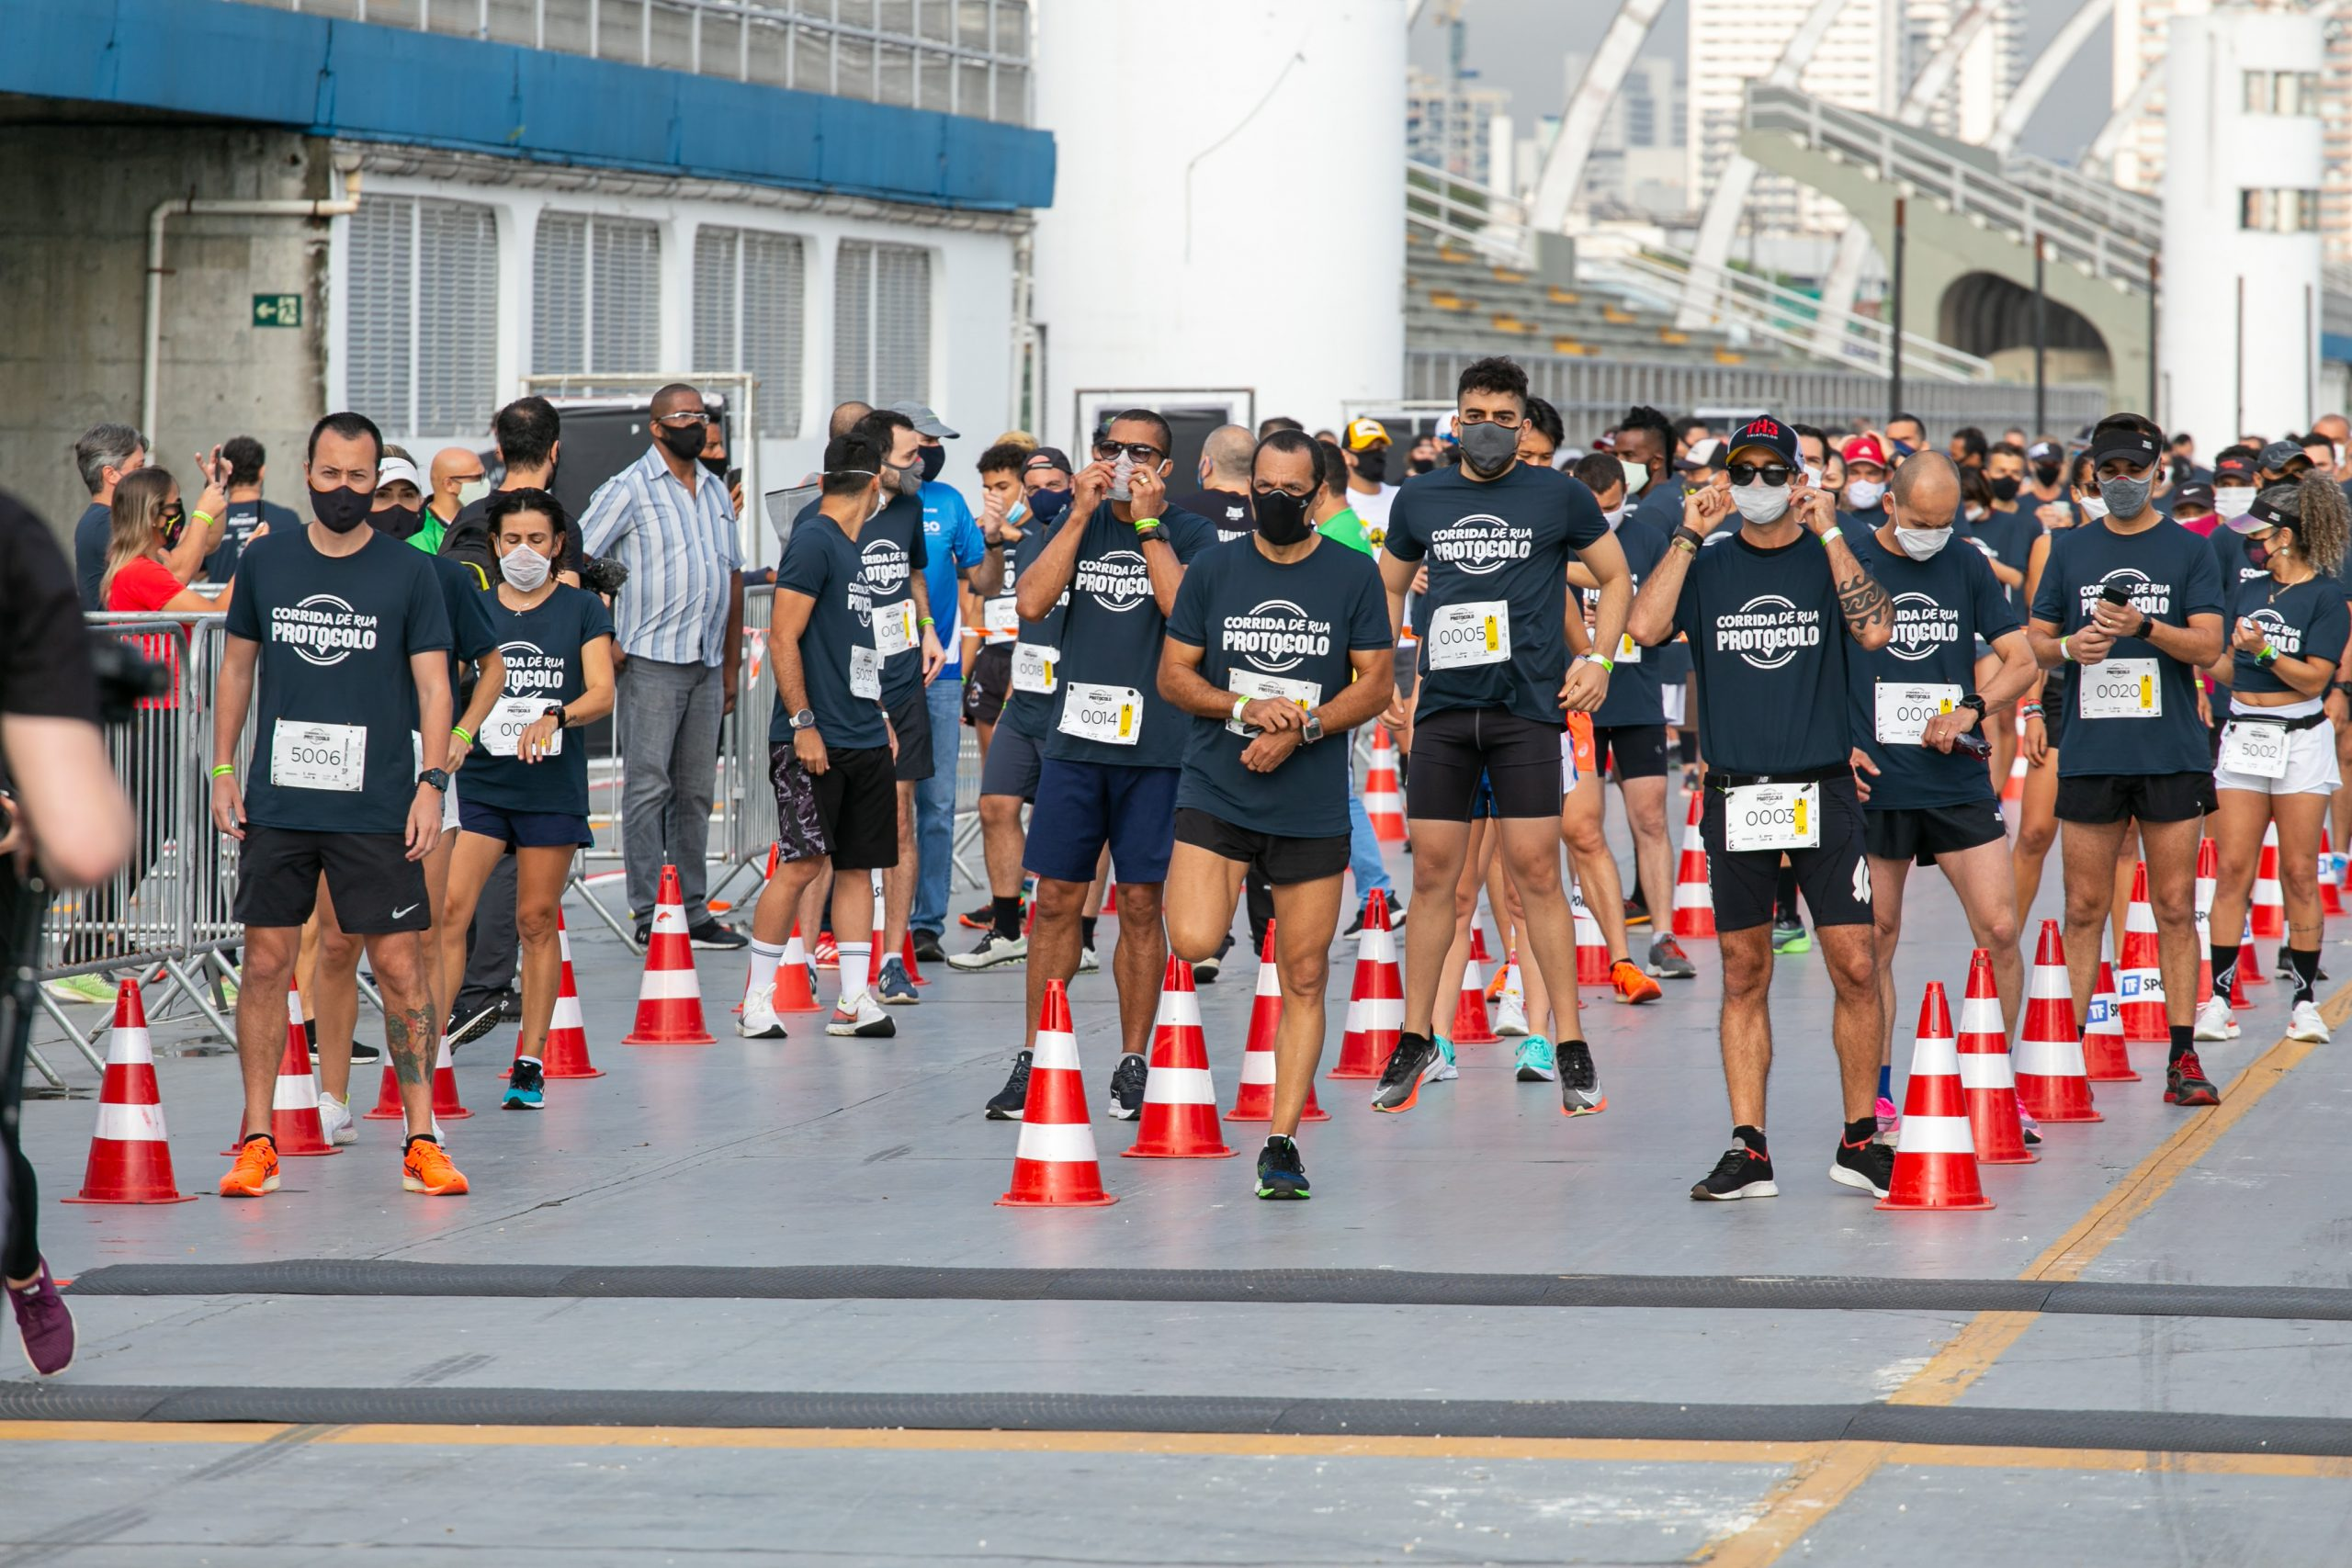 Corrida de verificação de protocolos é aprovada por organizadores, autoridades e atletas